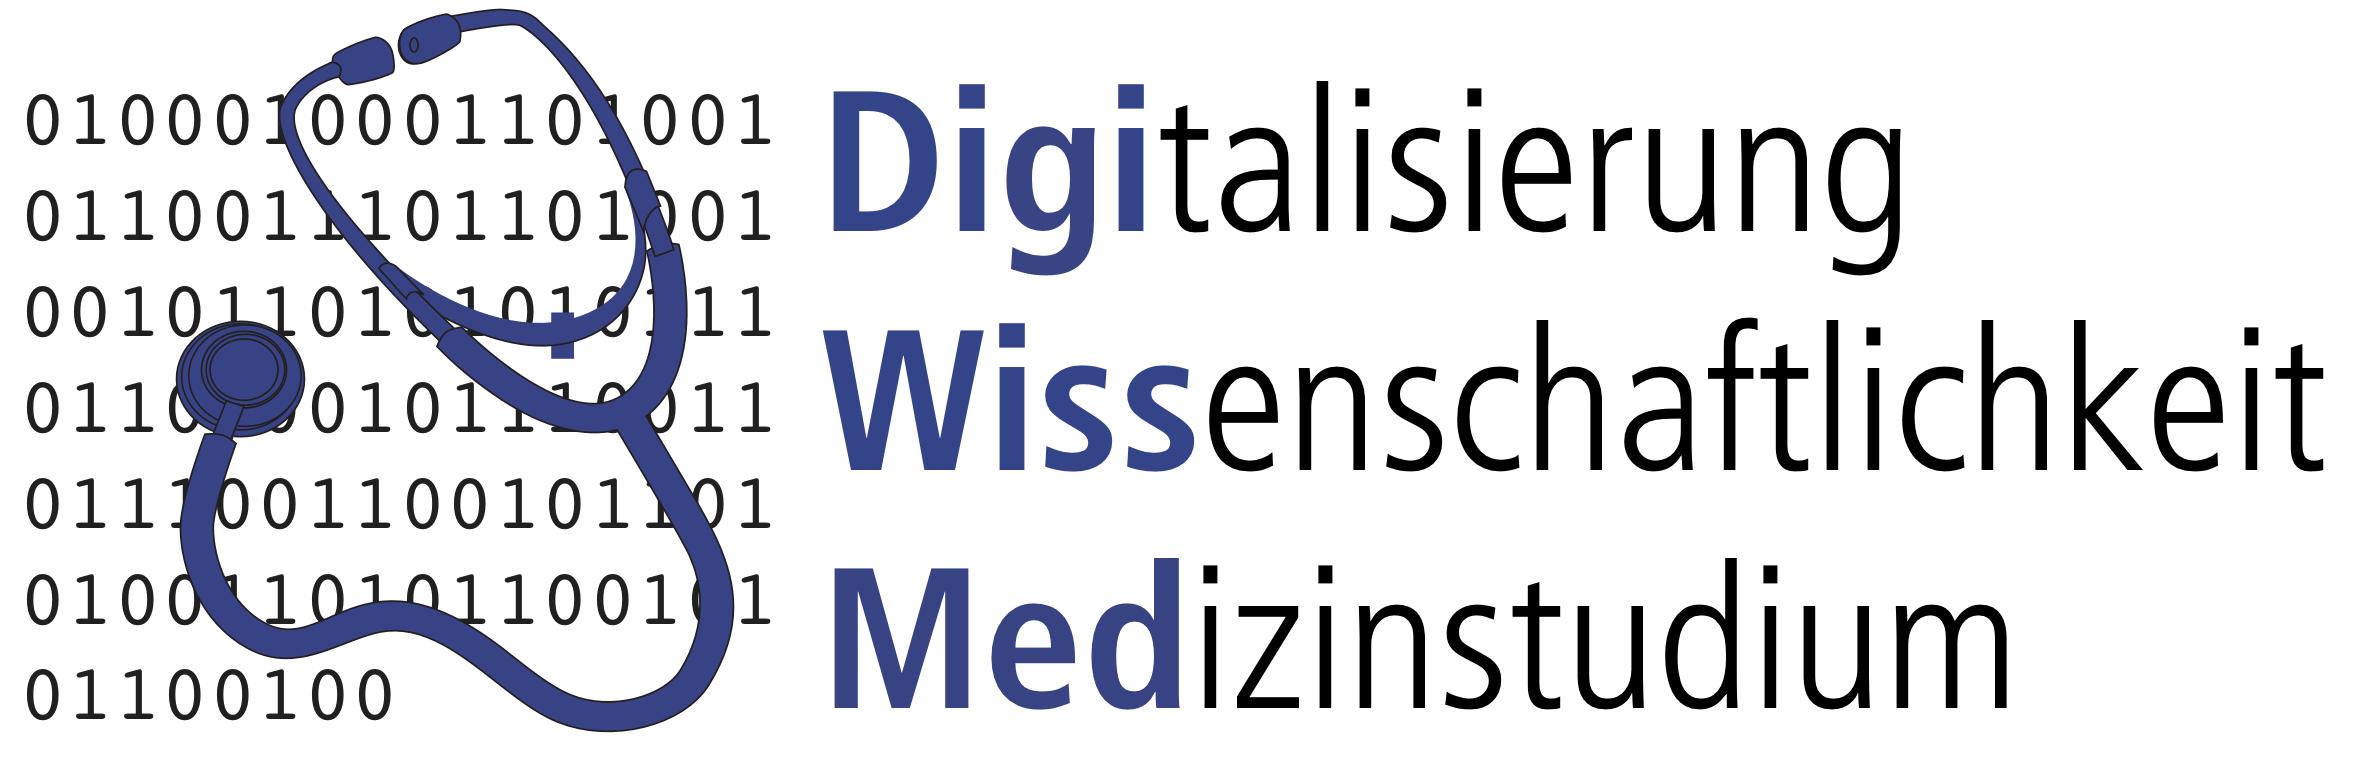 Digitale Gesundheit in Estland - Lernen von der Nummer 1